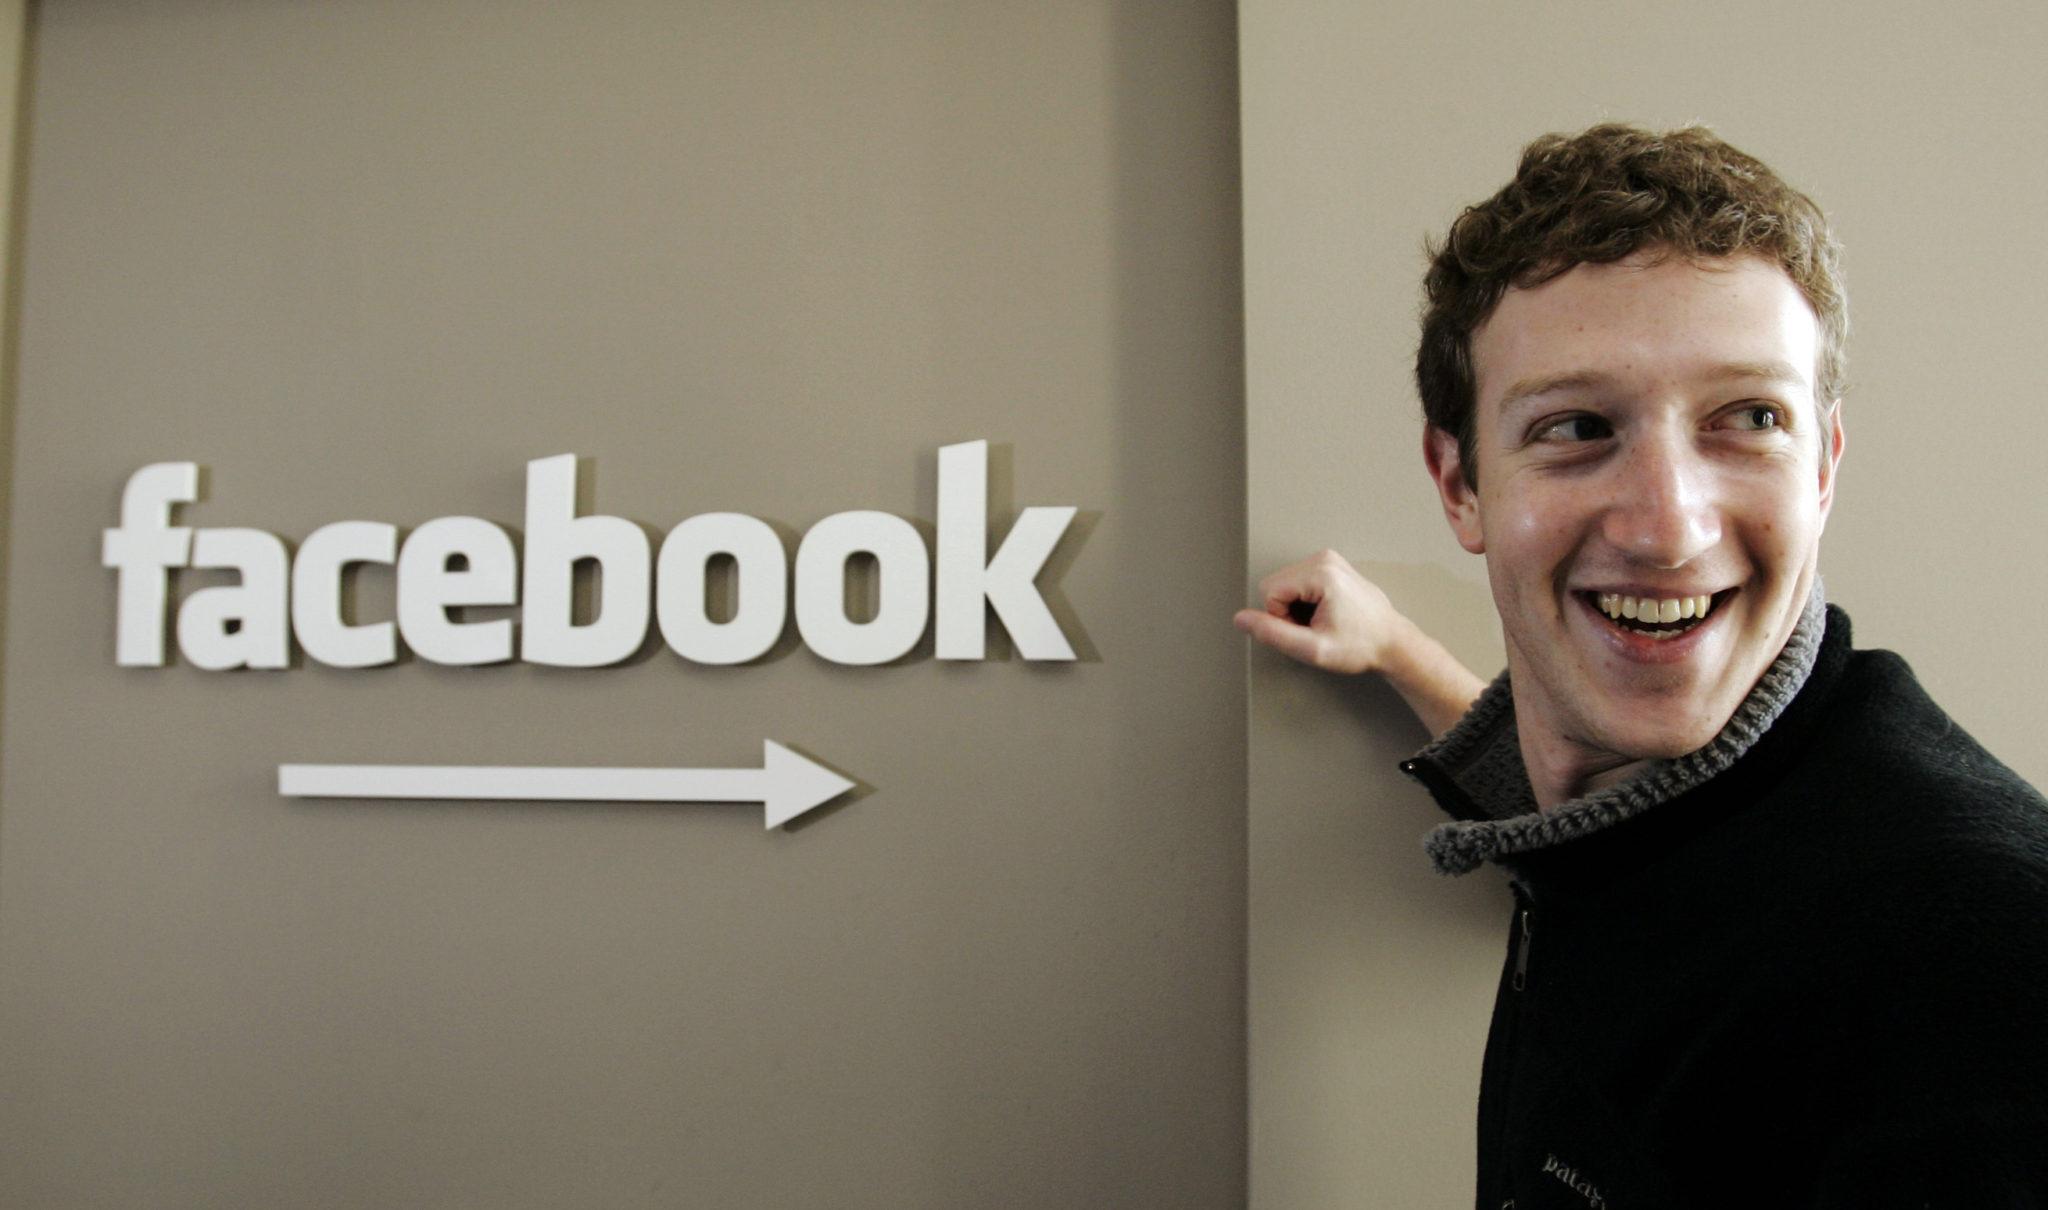 Conferencia sobre la Importancia de Abandonar el uso de Facebook y otras redes sociales